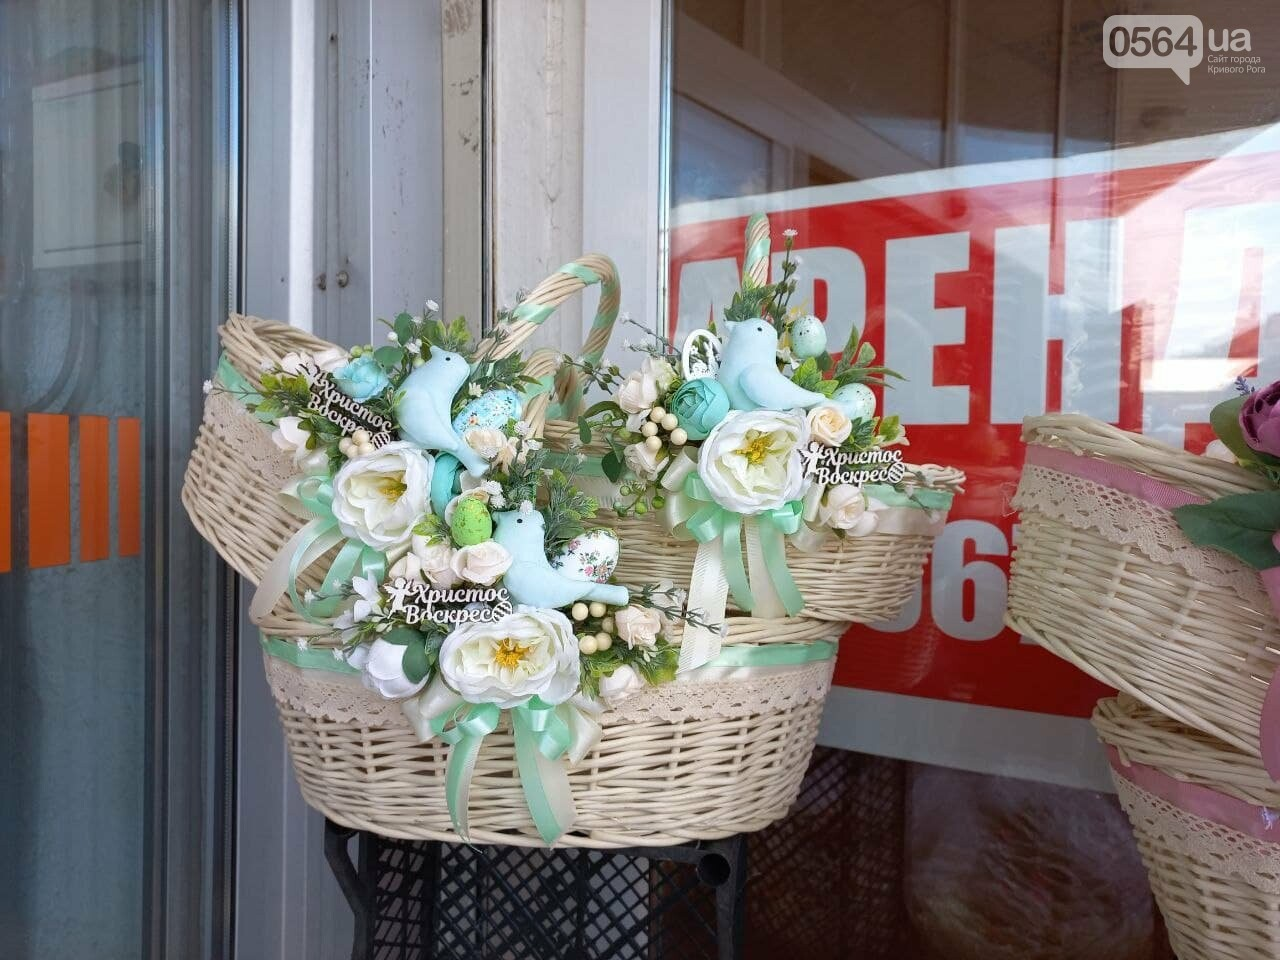 Пасхальная корзина 2021: сколько стоит традиционный праздничный набор продуктов в Кривом Роге, - ФОТО, фото-14